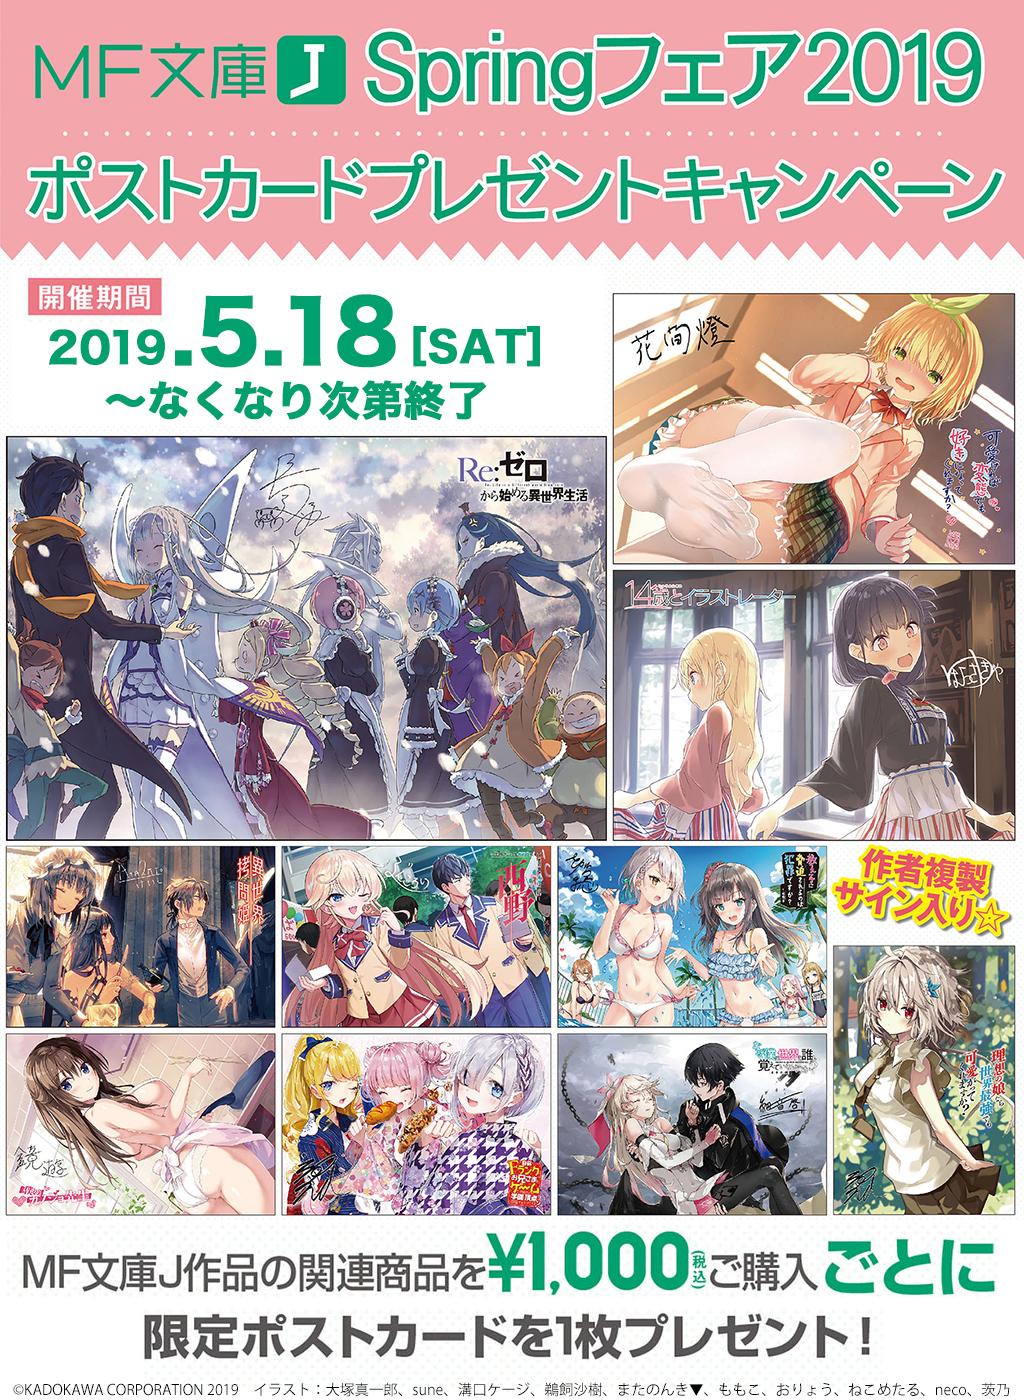 [キャンペーン]『MF文庫J Springフェア2019』ポストカードプレゼントキャンペーン開催決定!